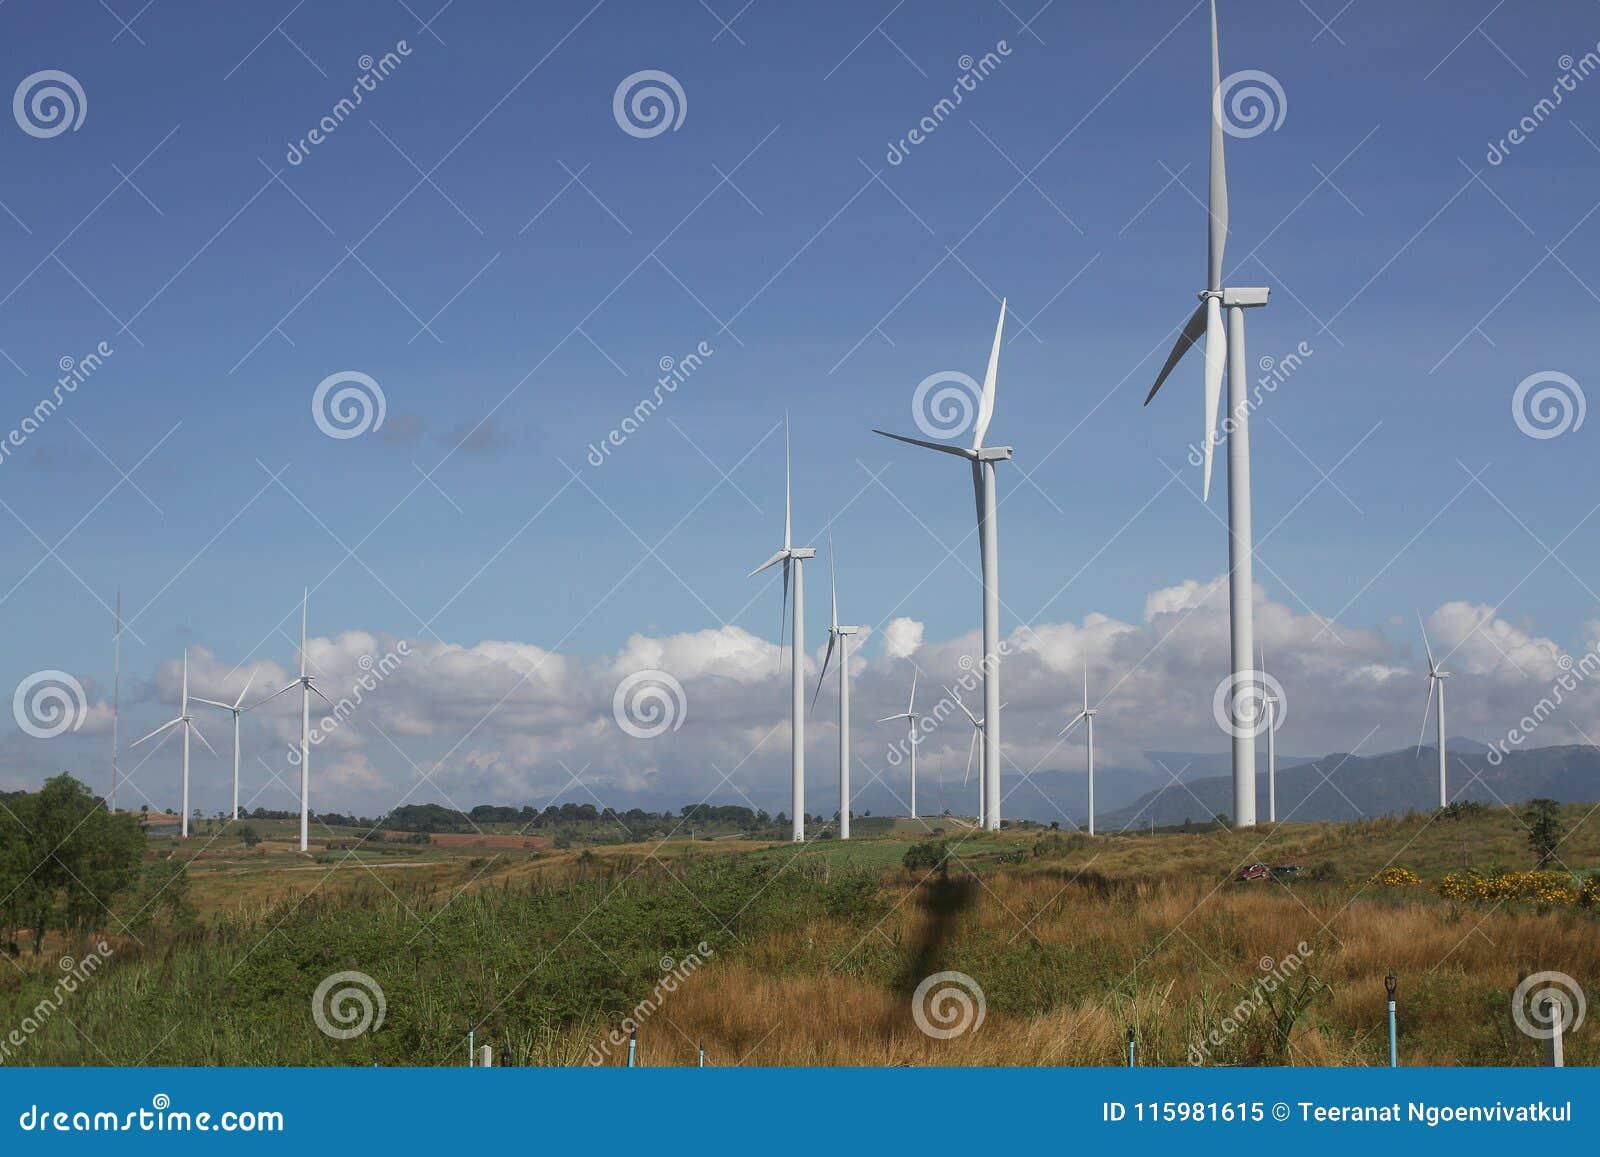 Ανεμοστρόβιλος στο σαφή μπλε ουρανό, ανανεώσιμη ενέργεια ηλεκτρικής ενέργειας, βιώσιμη έννοια ανάπτυξης δύναμης συντήρησης στον π